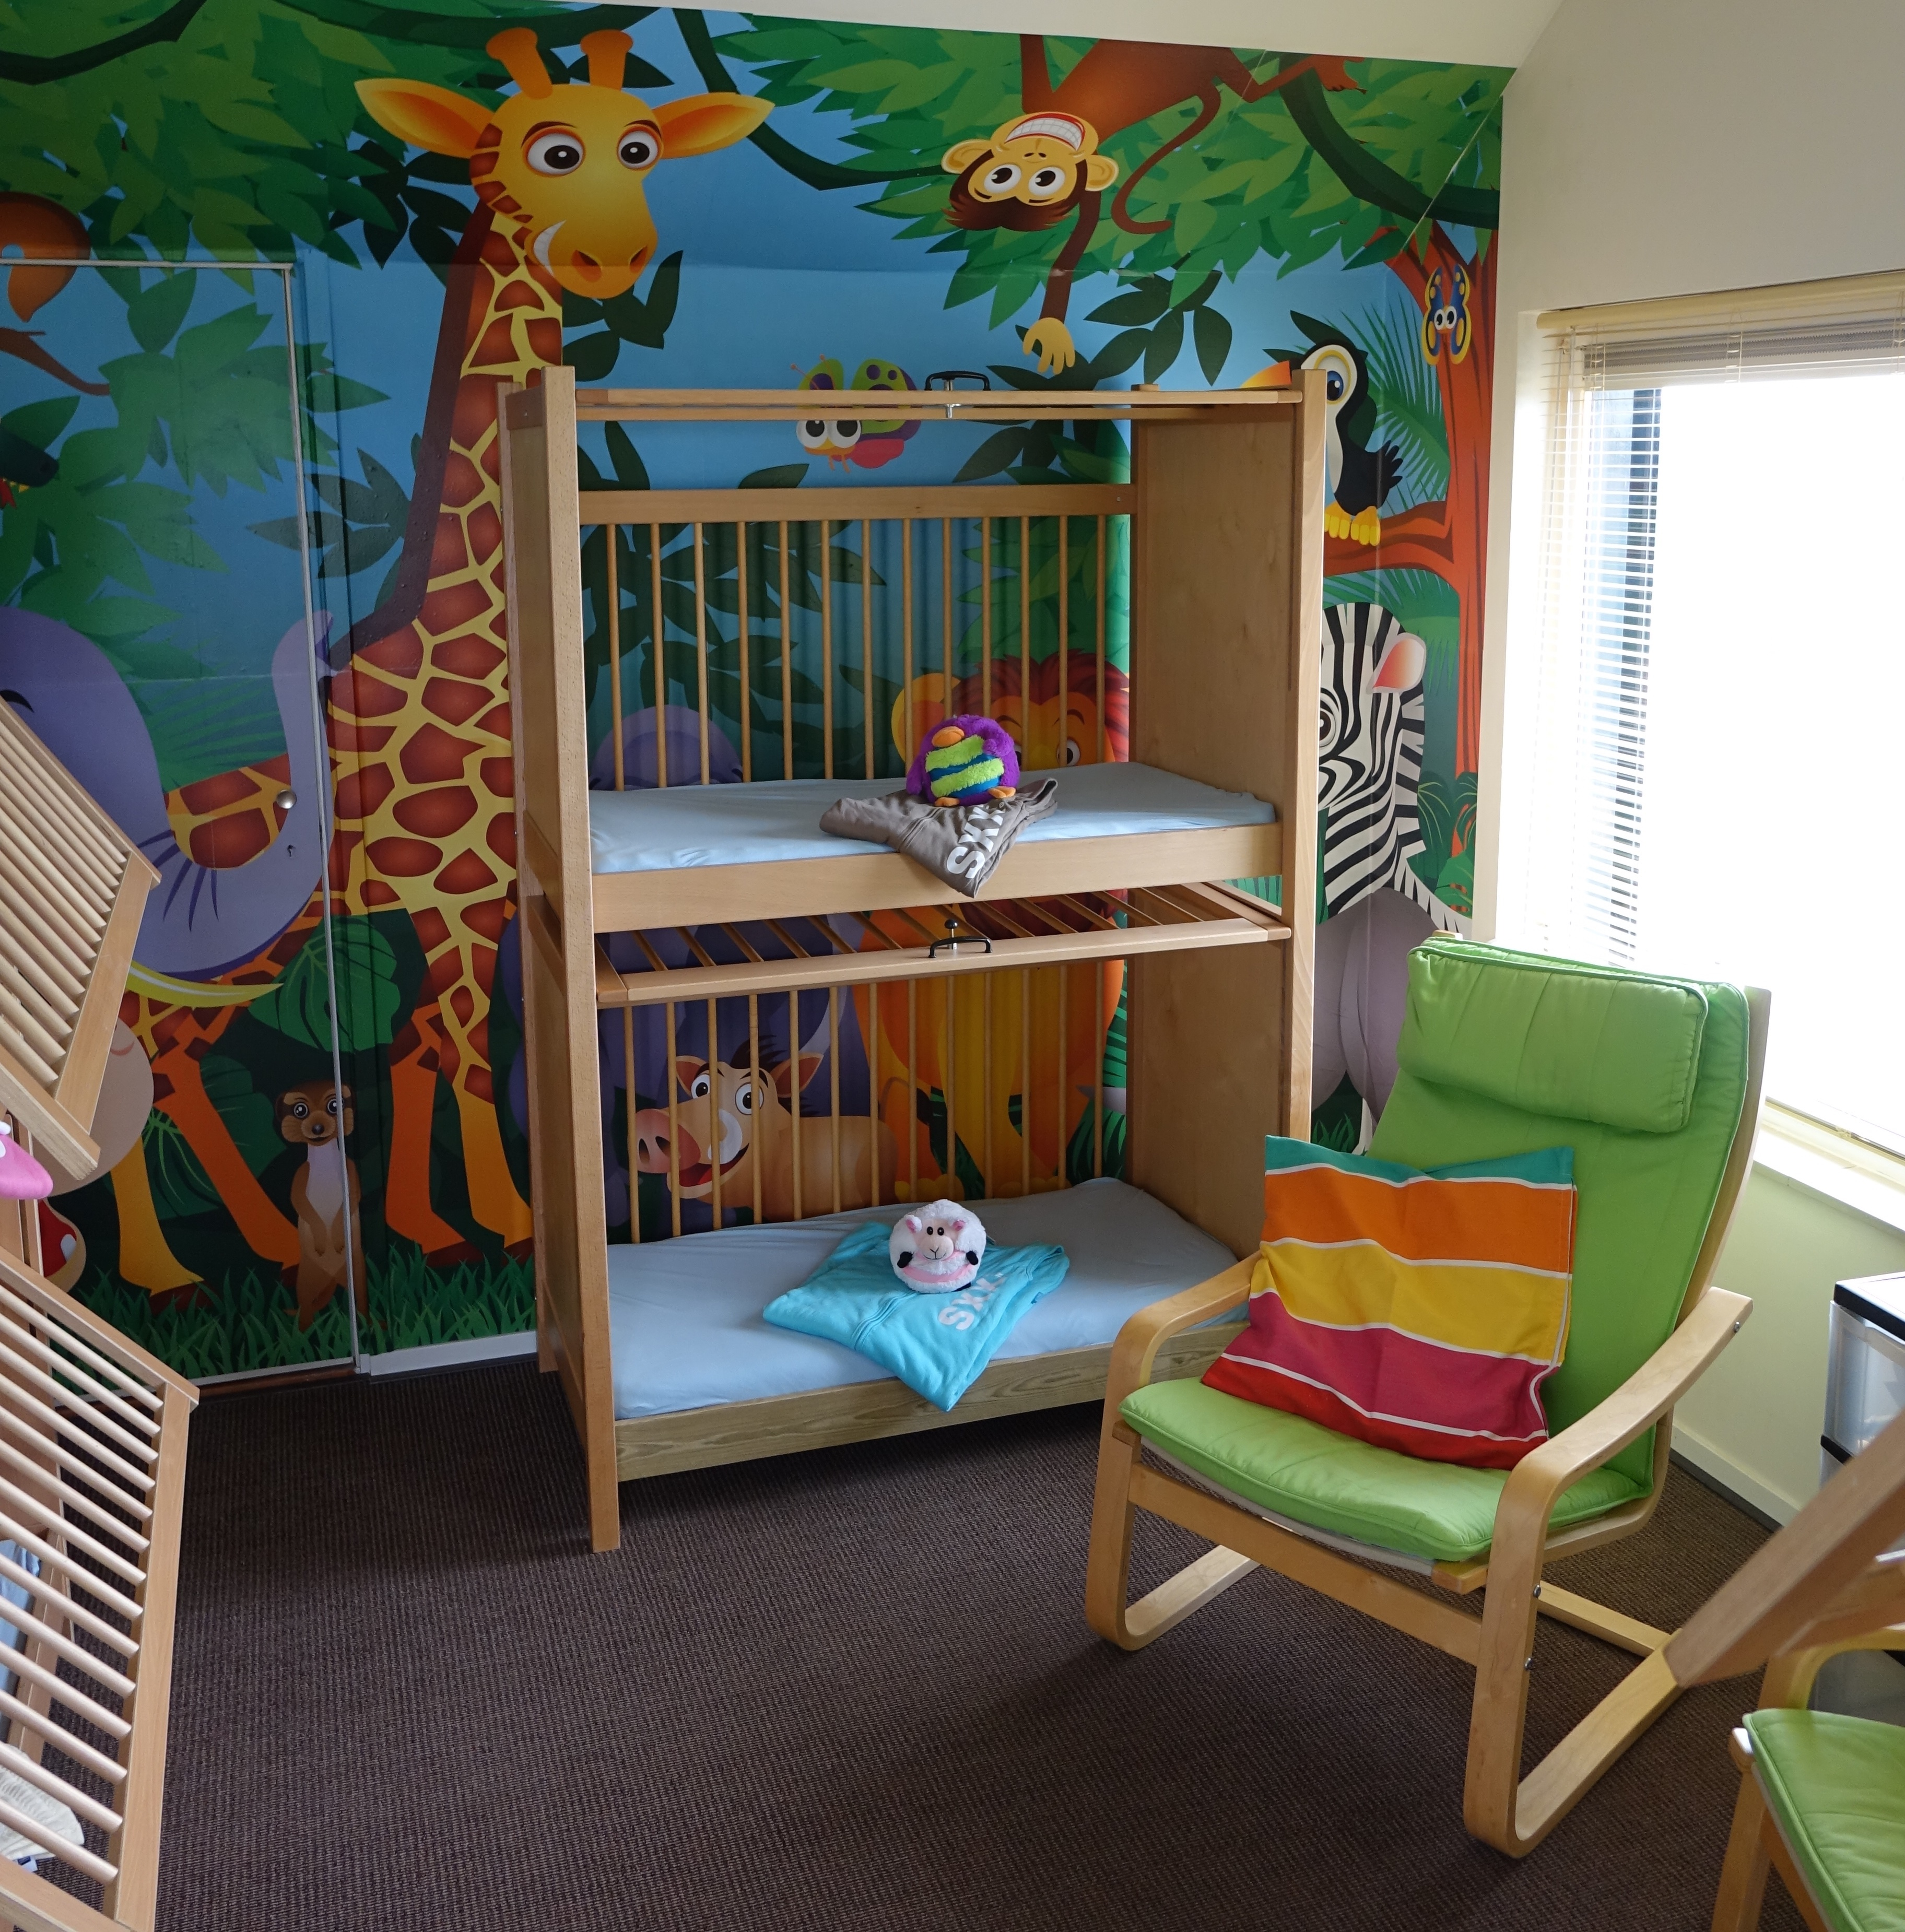 Slaapkamer jungle beste inspiratie voor interieur design en meubels idee n for Deco volwassen kamer design